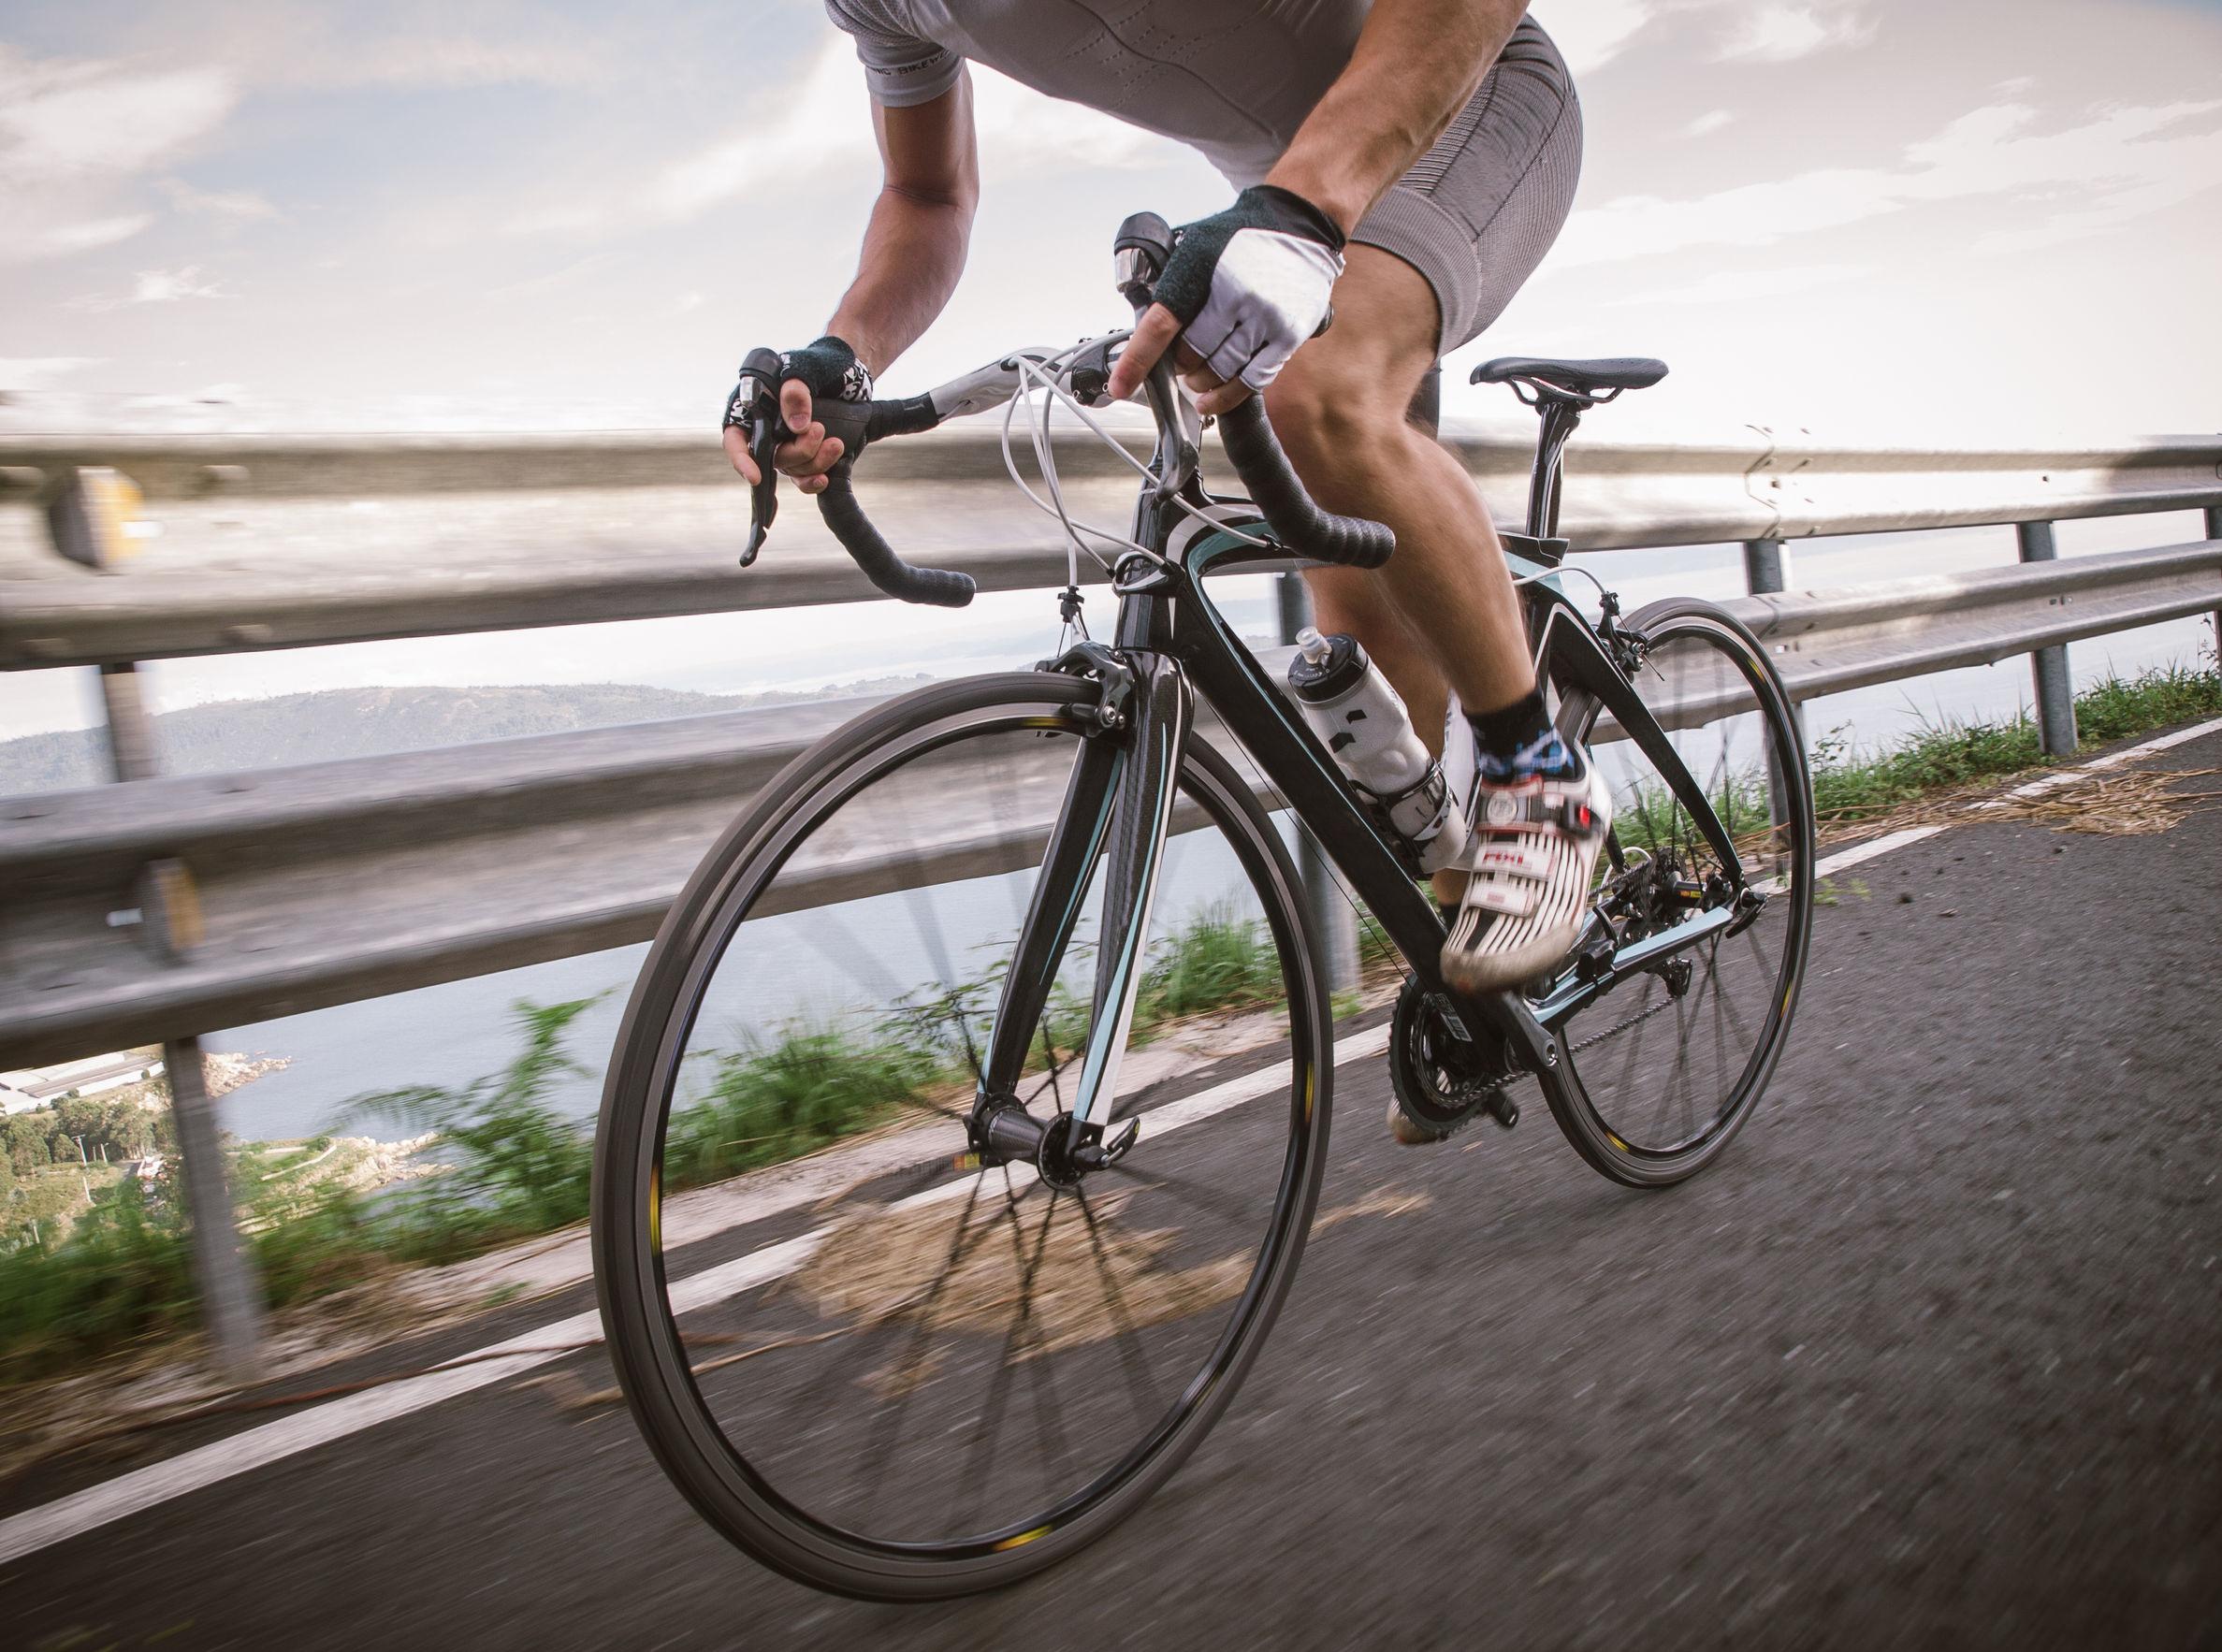 Fahrradschuhe: Test & Empfehlungen (08/20)